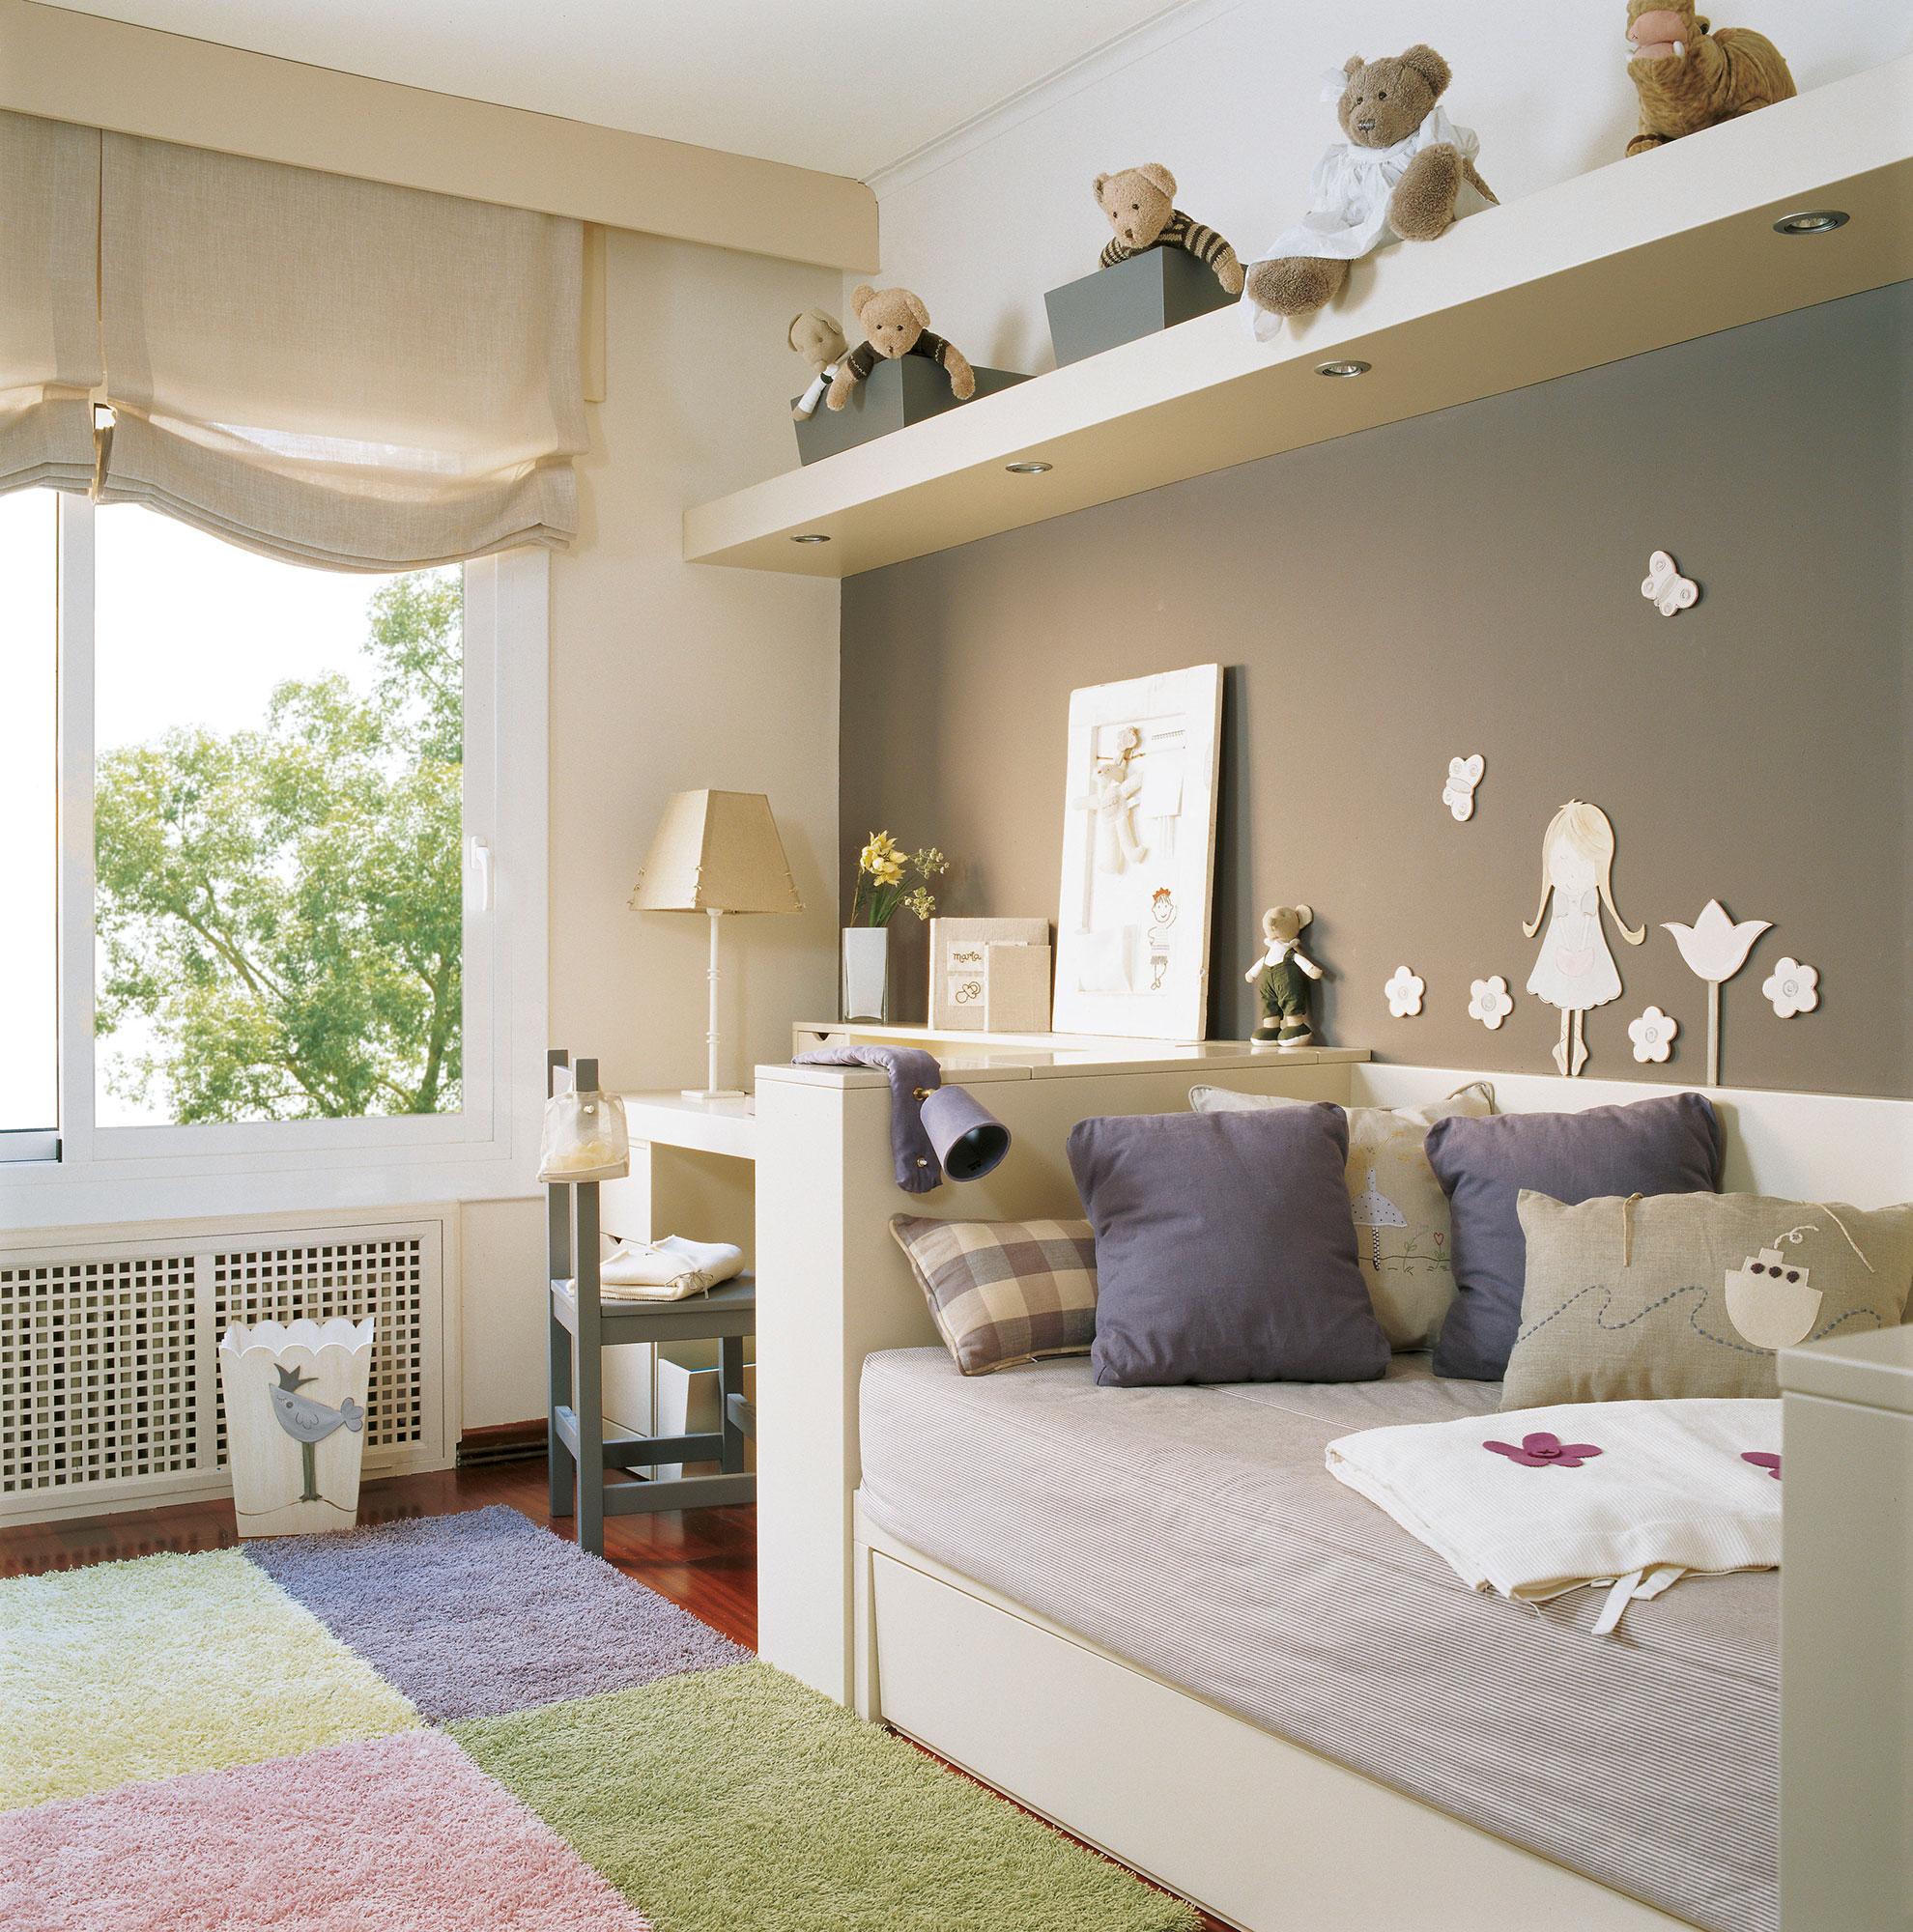 Pintura cambia tu casa con los efectos del color - Pintura color vison ...